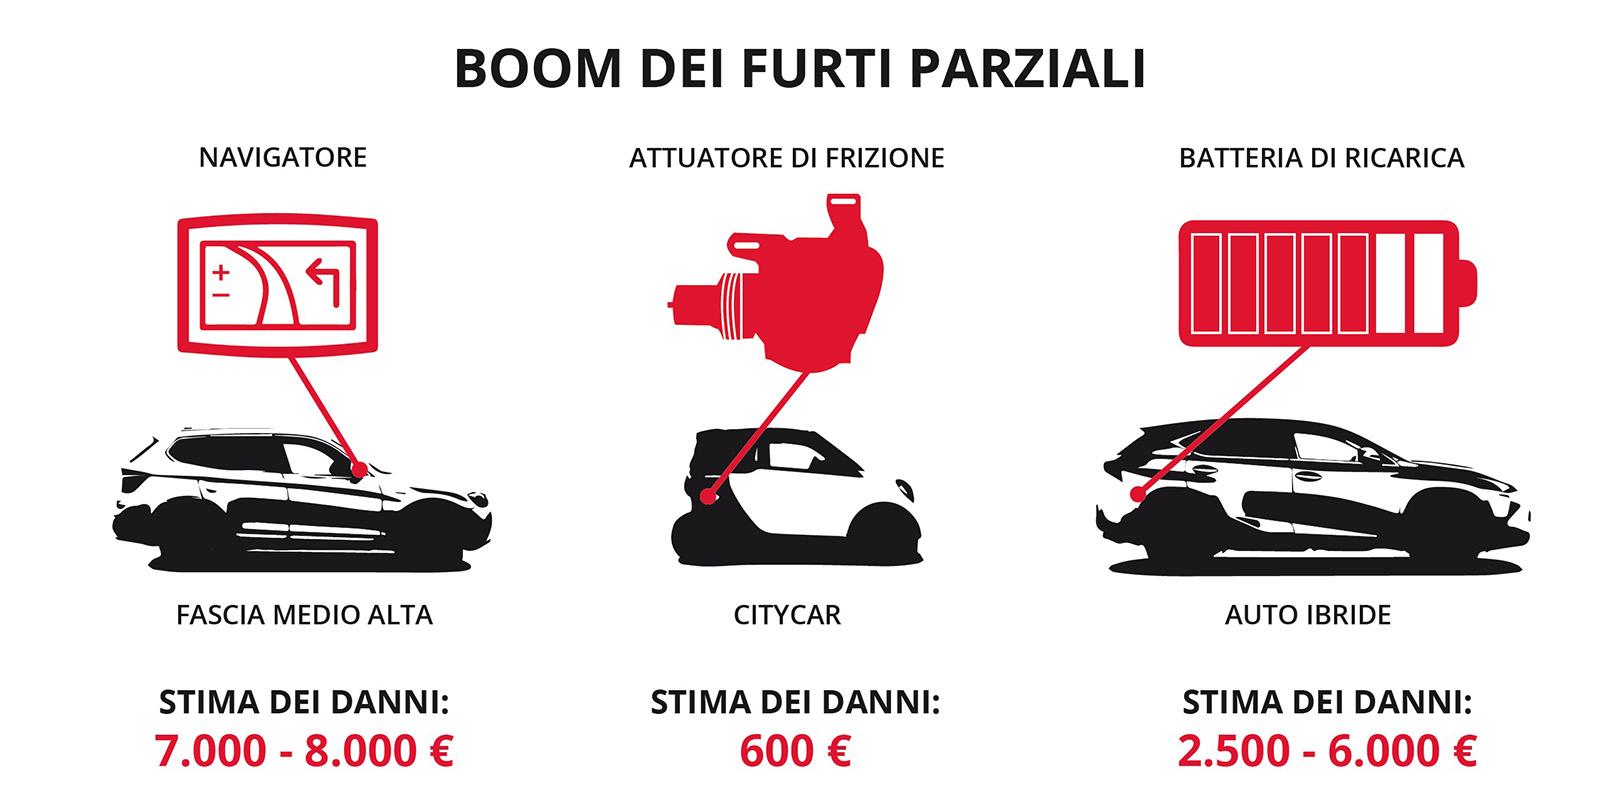 Boom-dei-furti-parziali